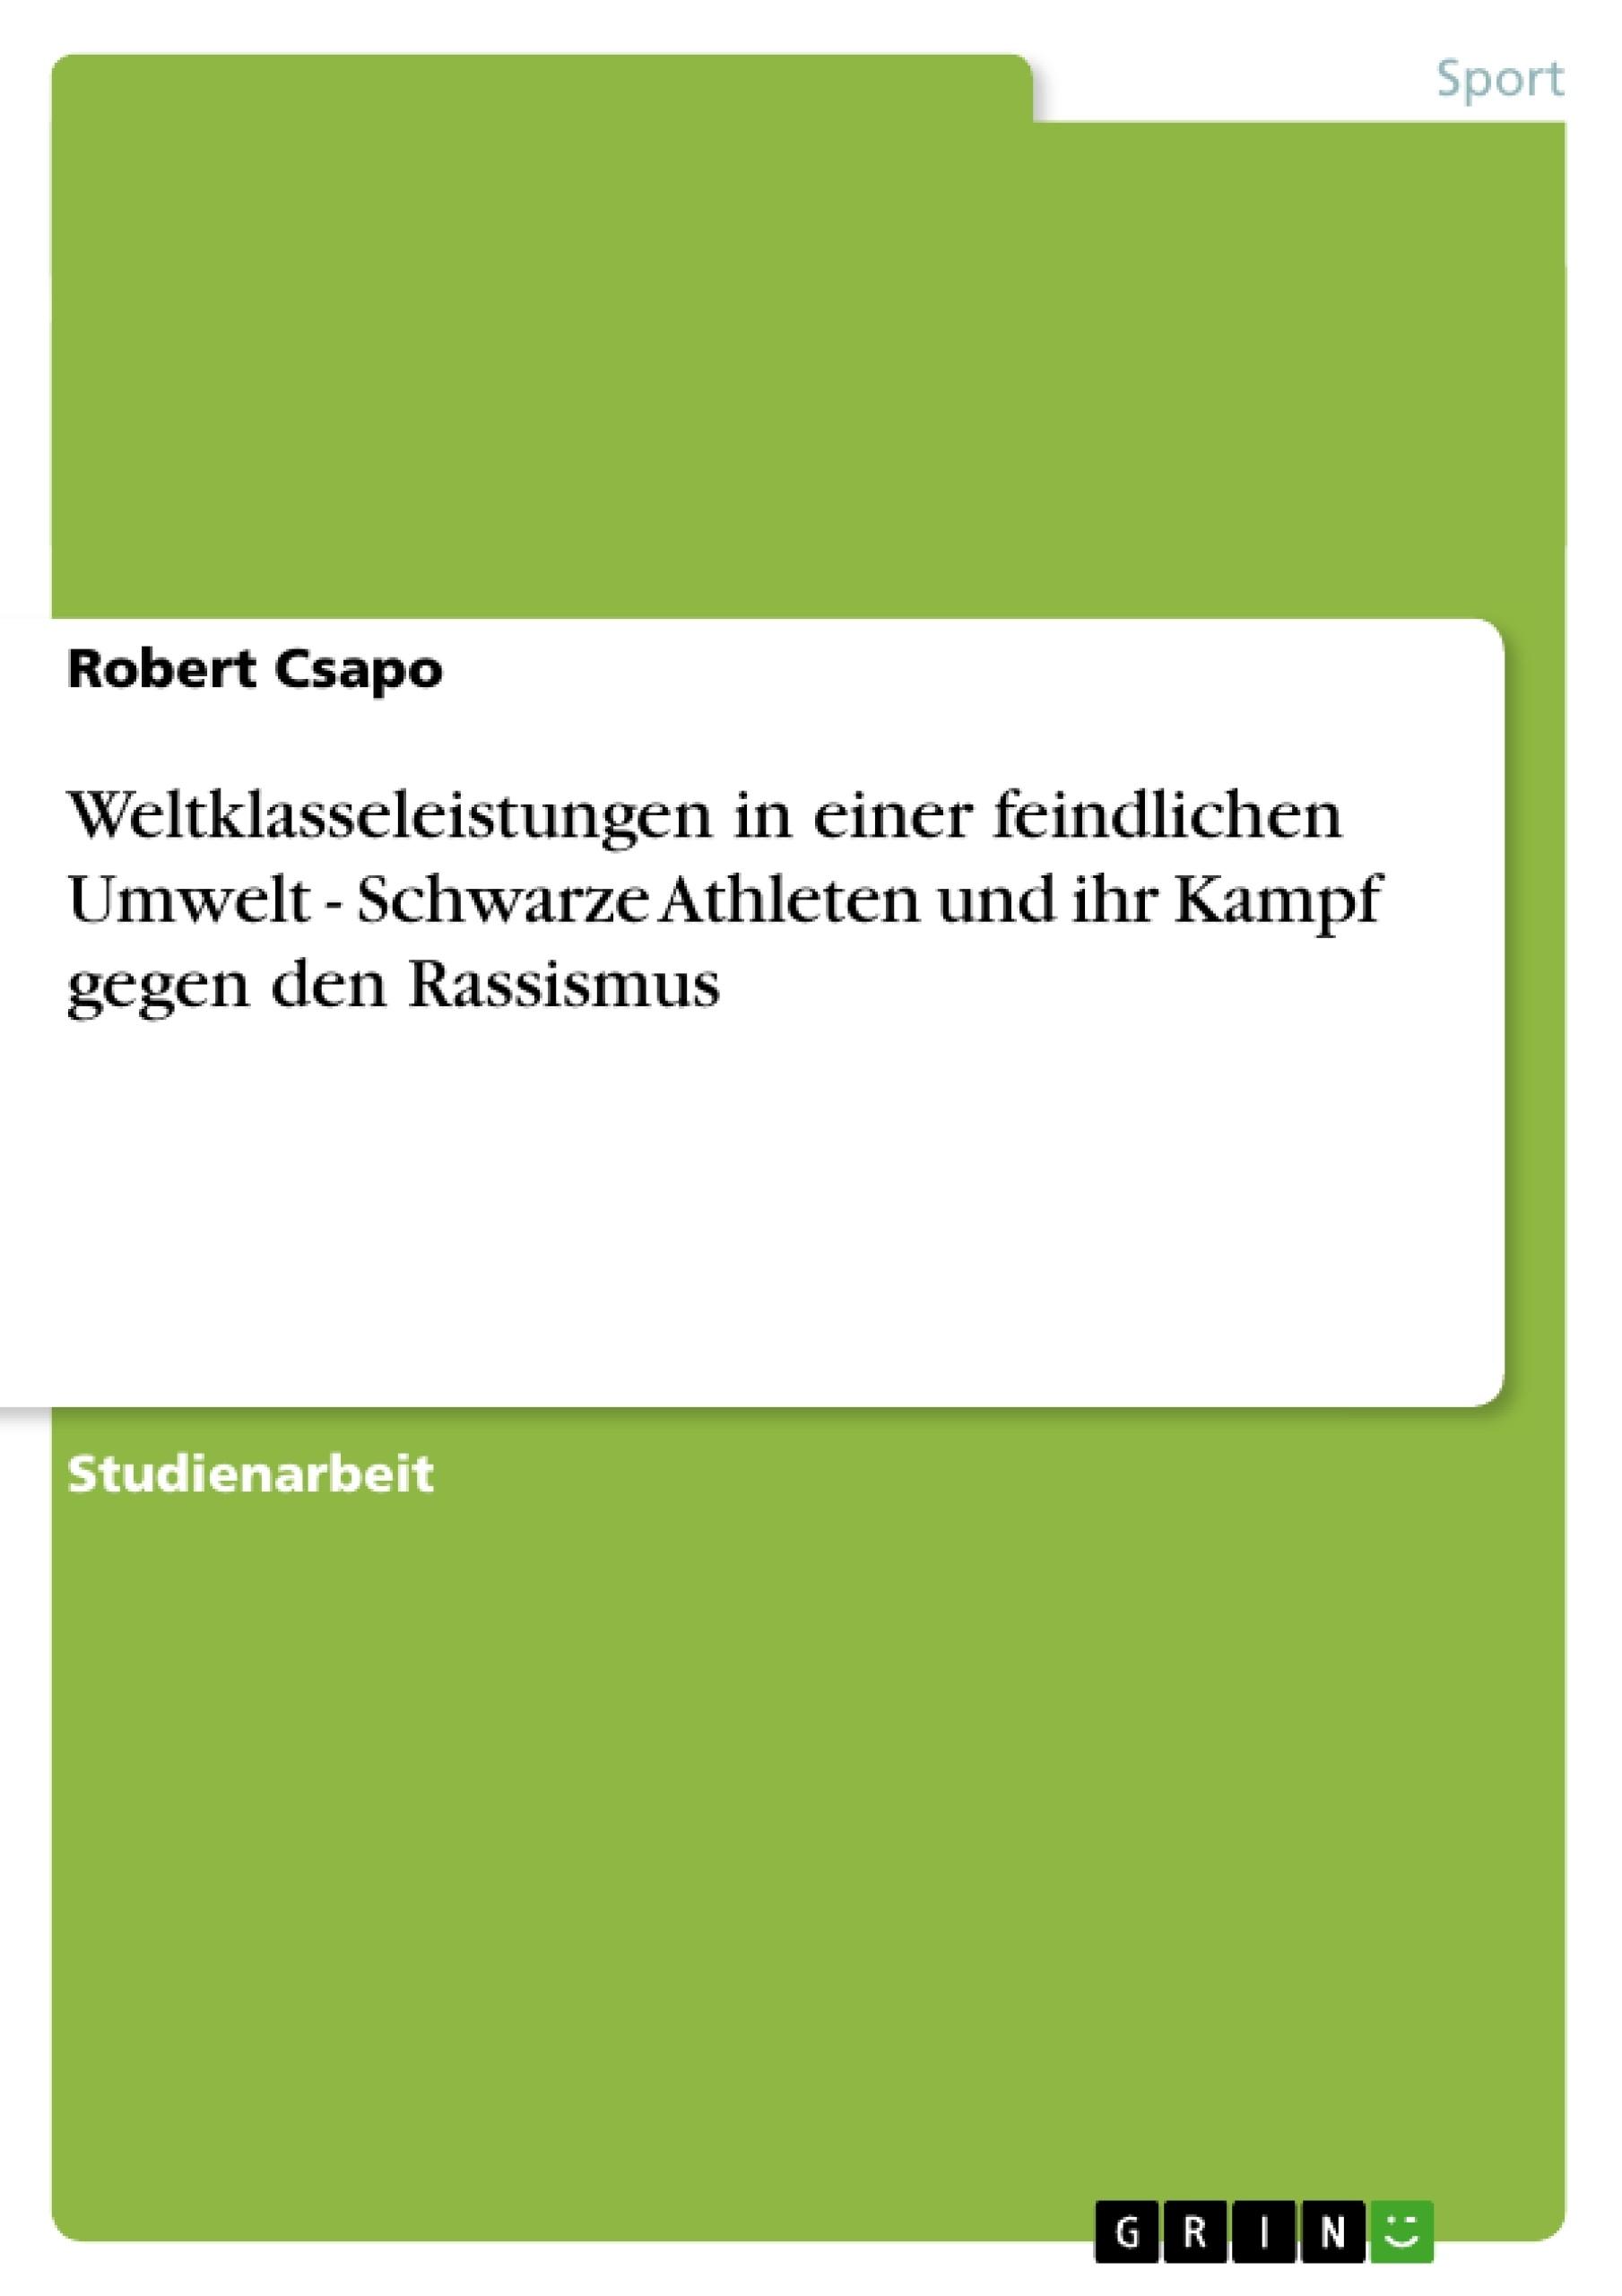 Titel: Weltklasseleistungen in einer feindlichen Umwelt - Schwarze Athleten und ihr Kampf gegen den Rassismus